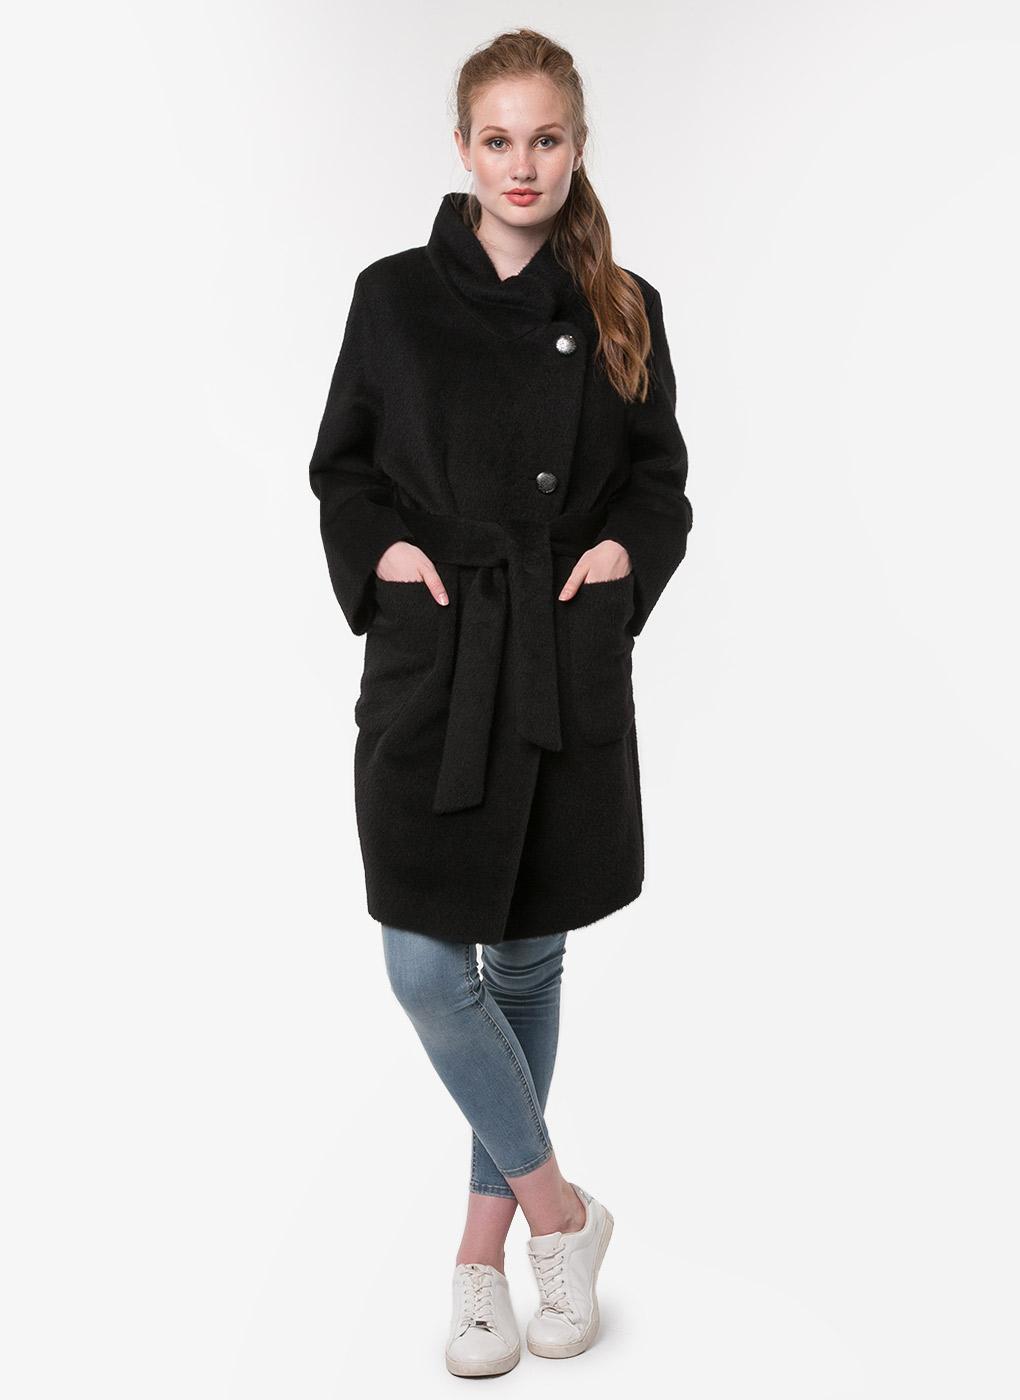 Пальто с поясом и накладными карманами чистошерстяное 02, Bella Collection фото